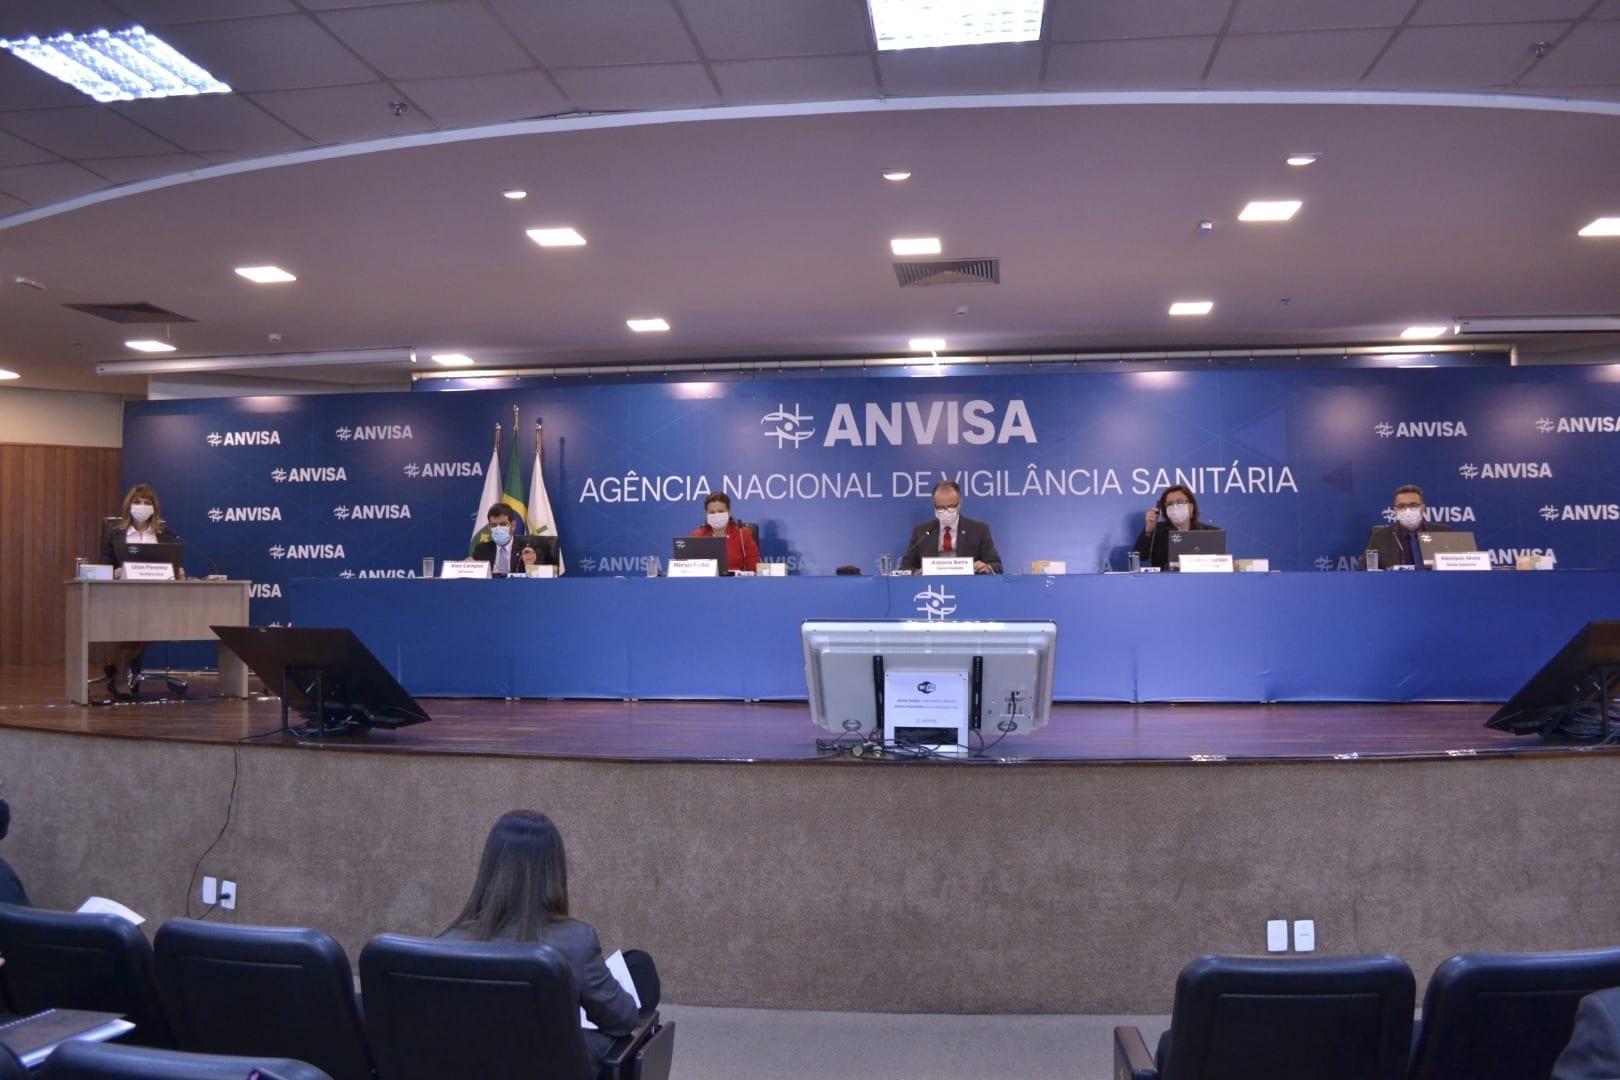 Diretores da Anvisa decidem autorizar uso emergencial da CoronaVac e da CoviShield Vacina Johnson & Johnson